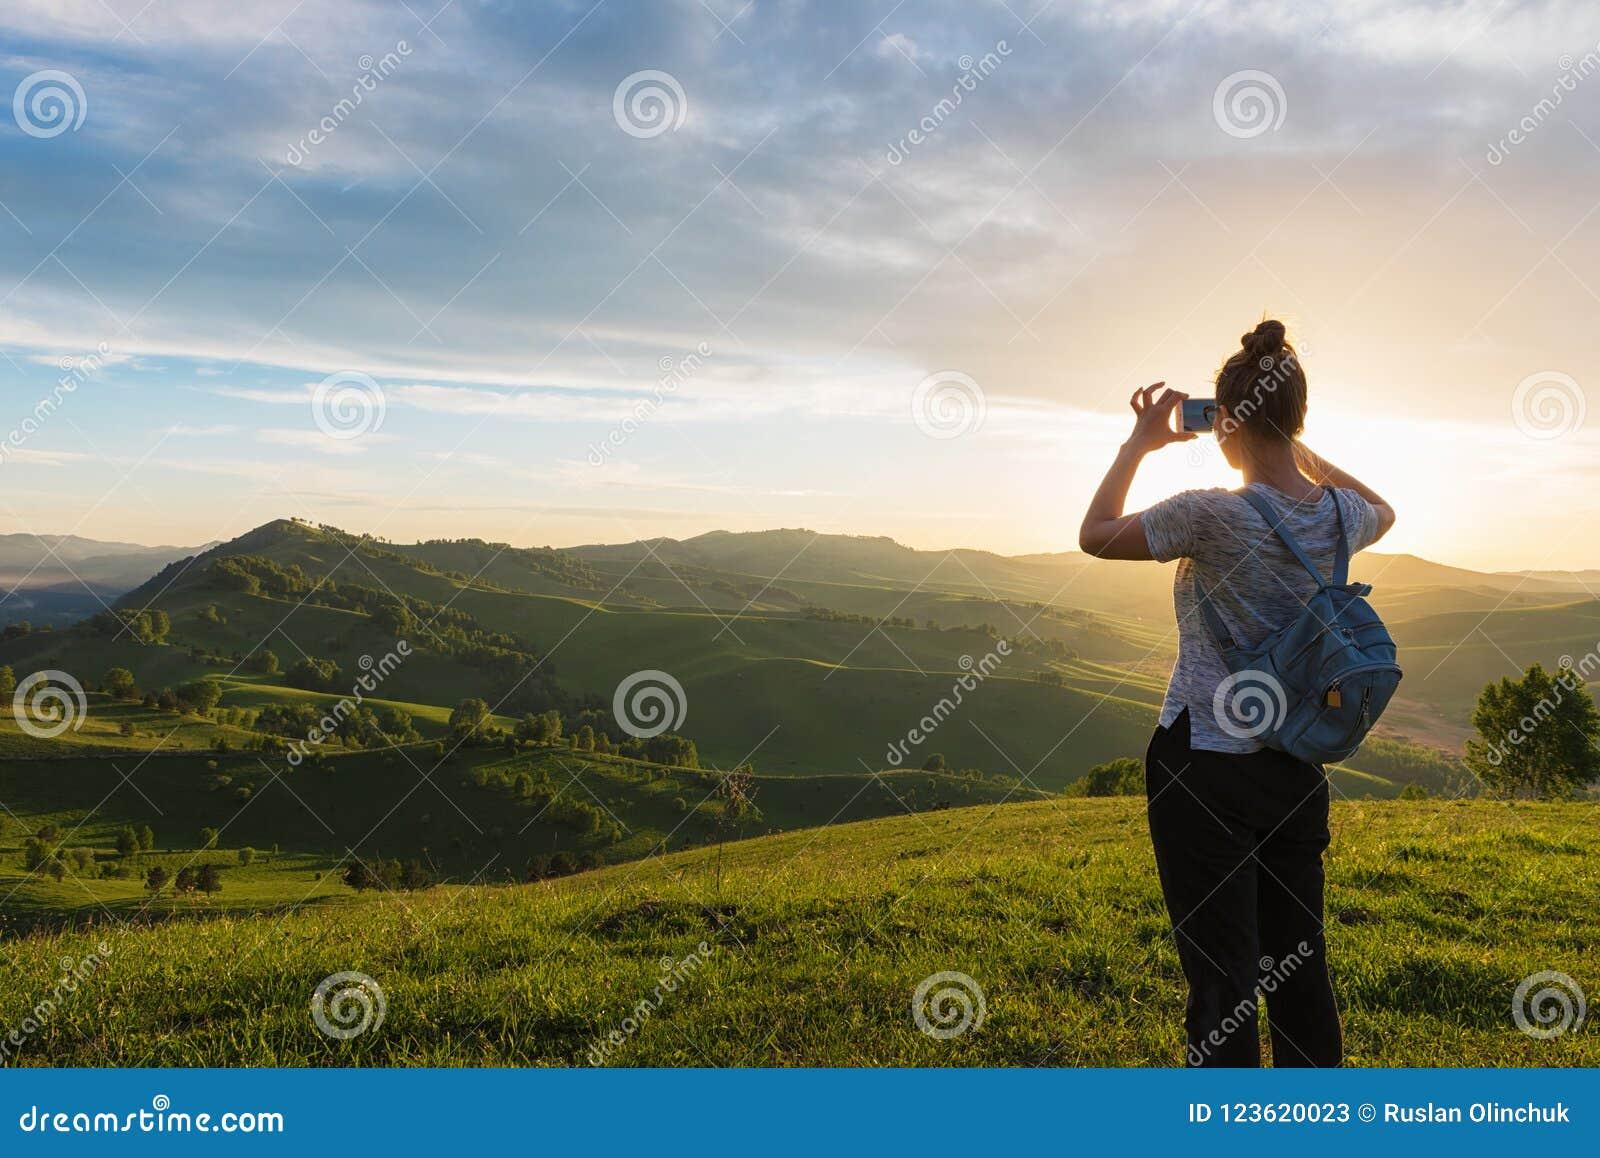 Voyage, photo et concept de vie réelle